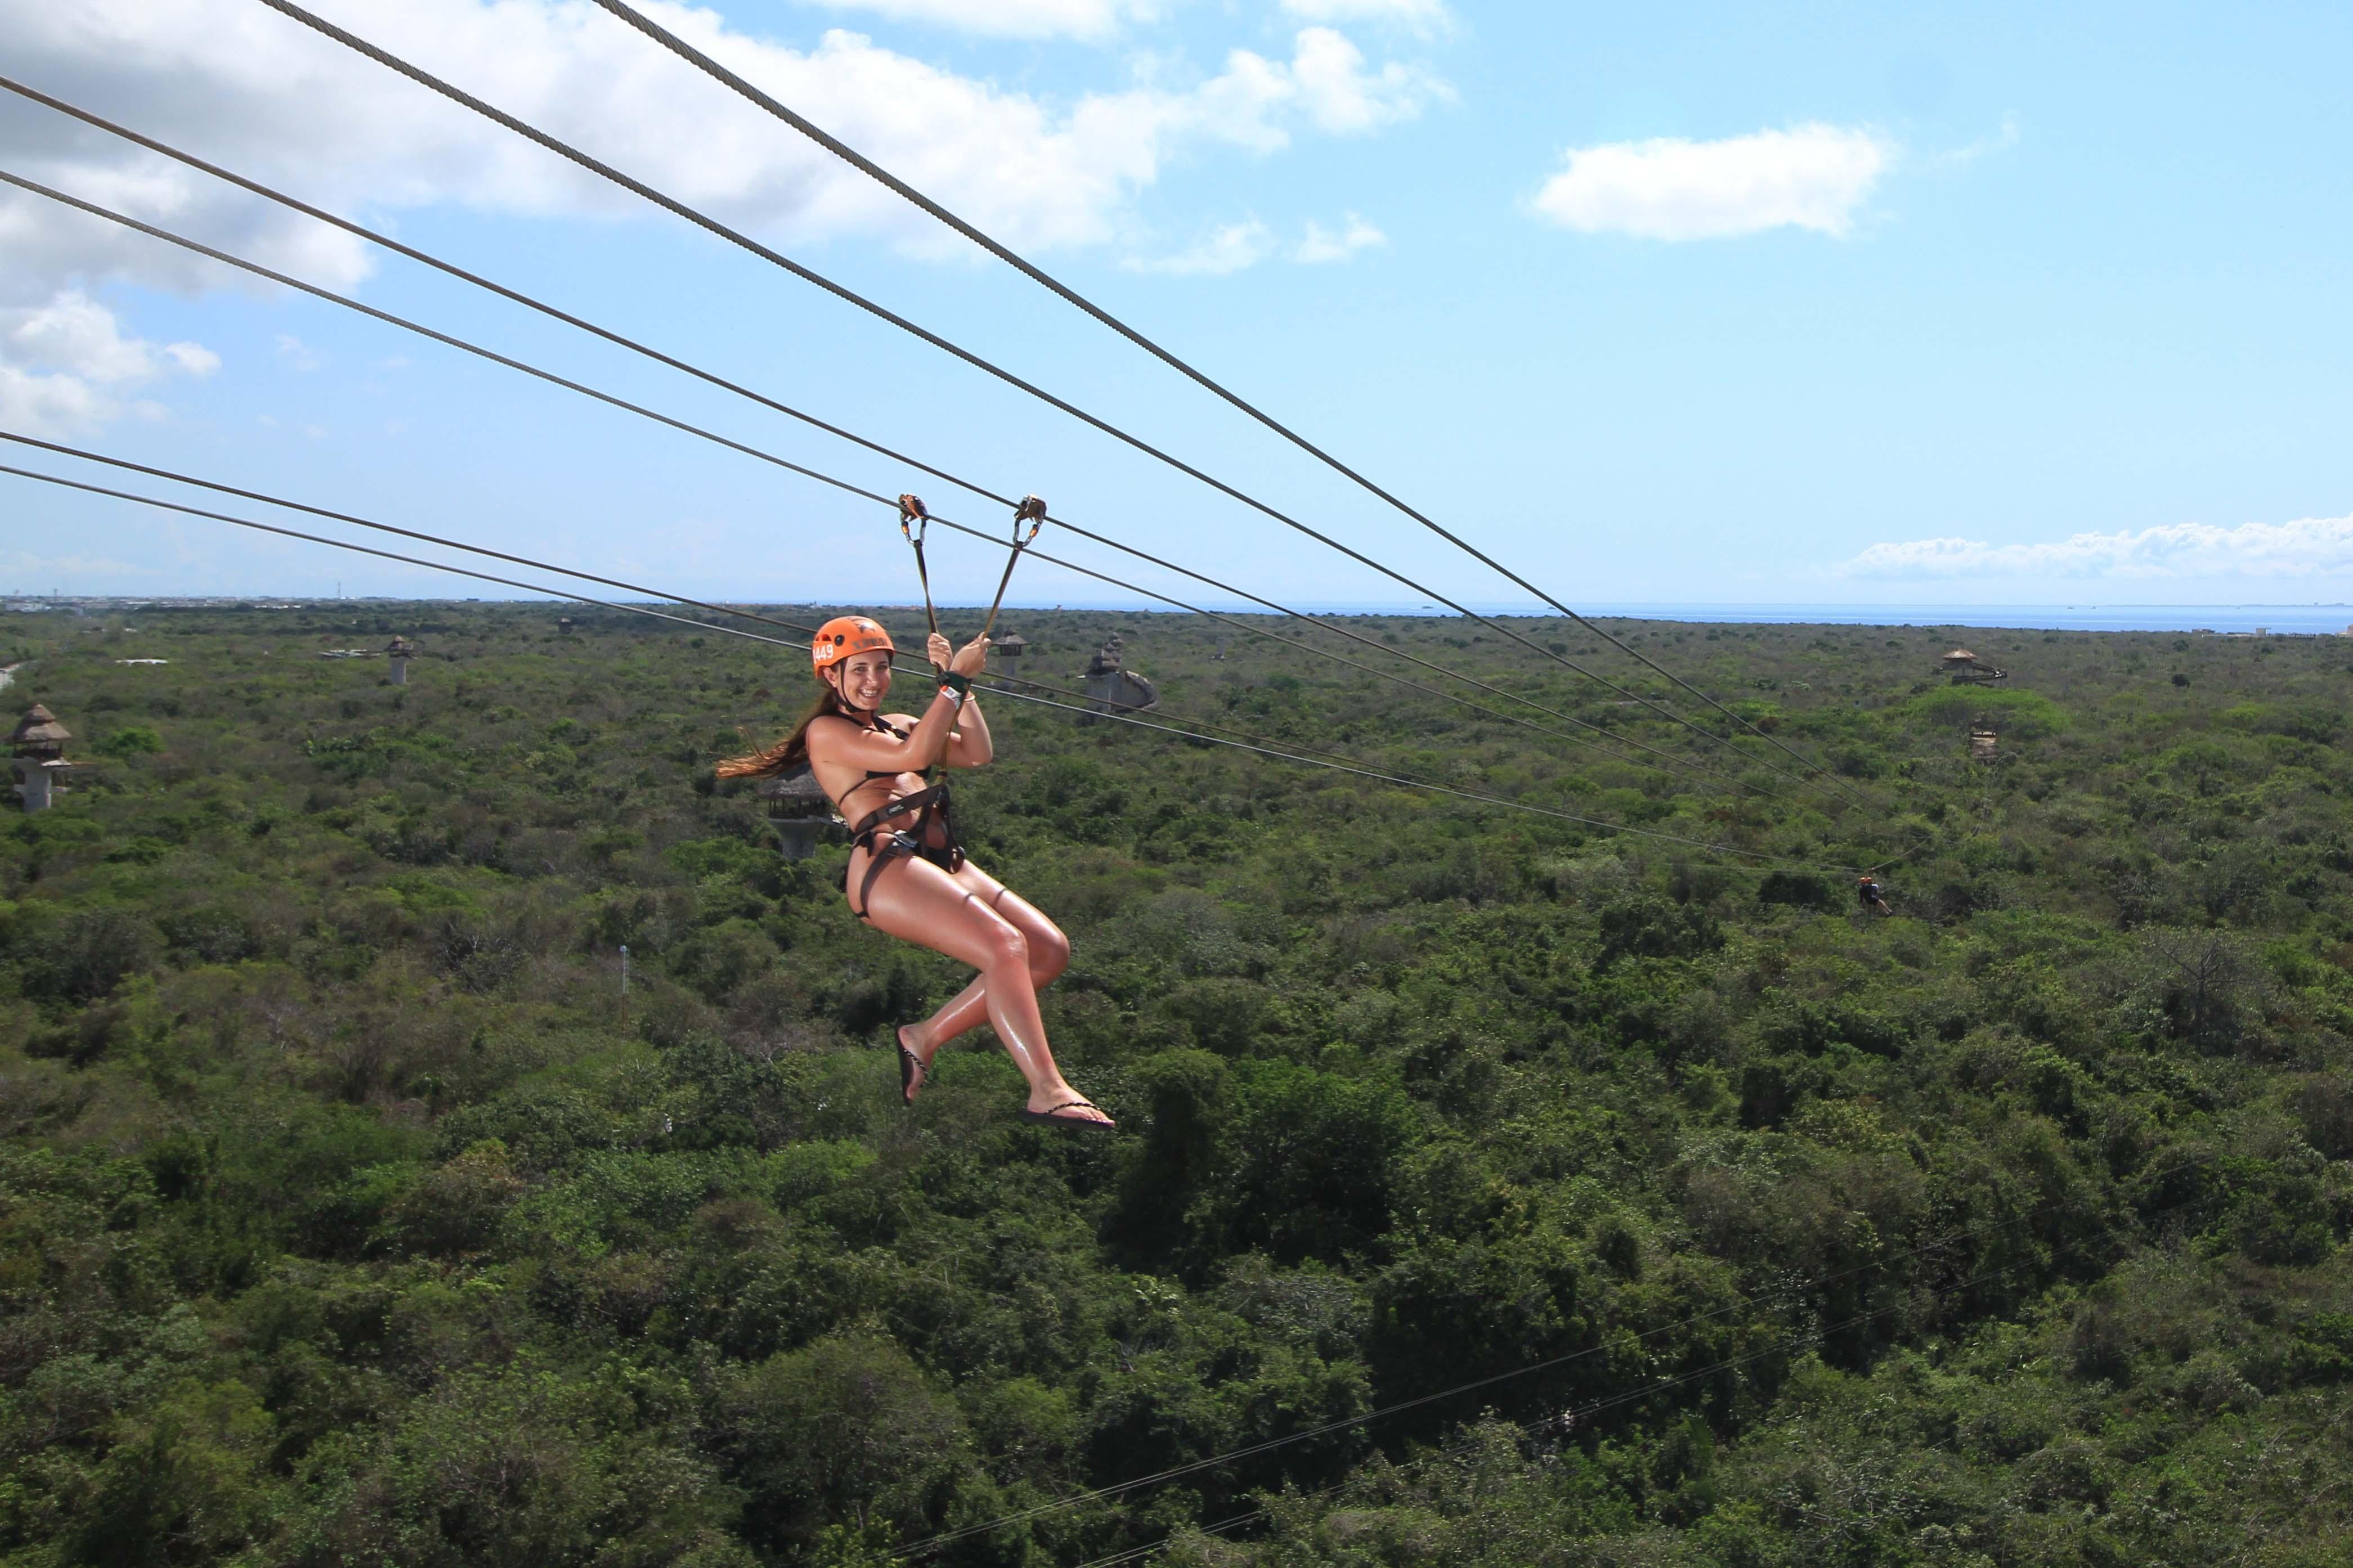 Mejores lugares para practicar deportes extremos en México